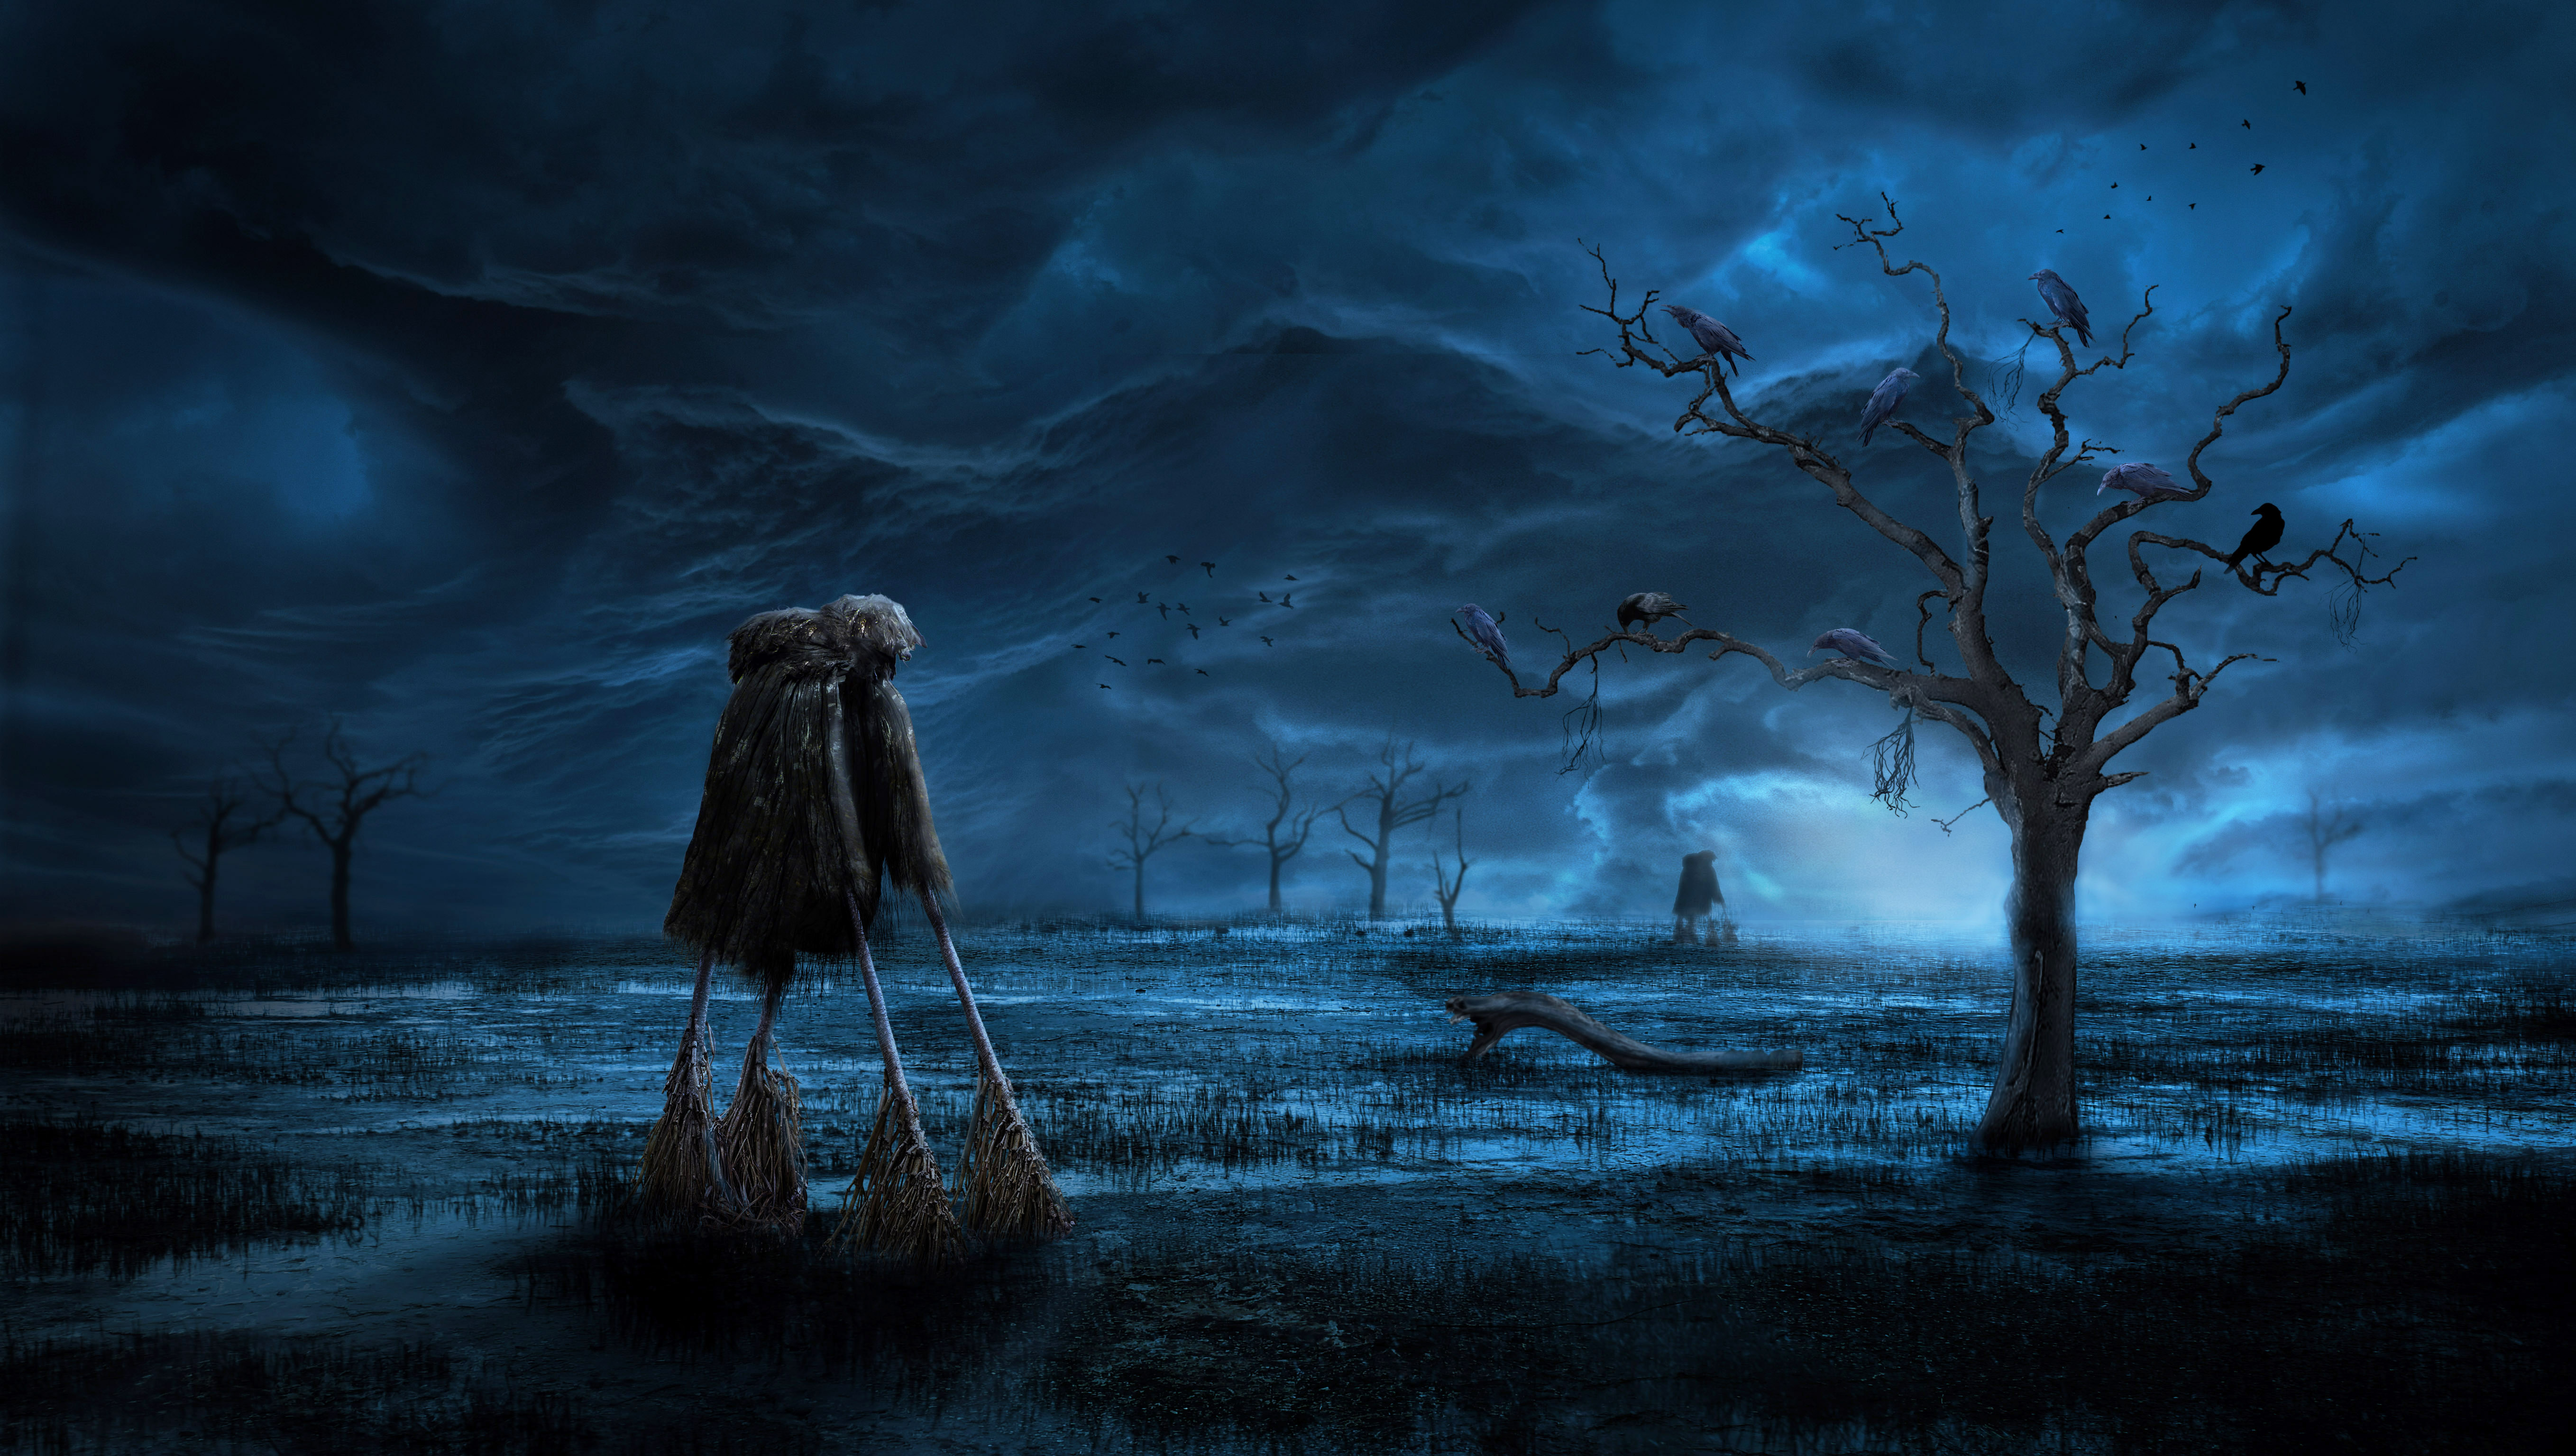 обои ночь, болото, дерево, вороньё картинки фото